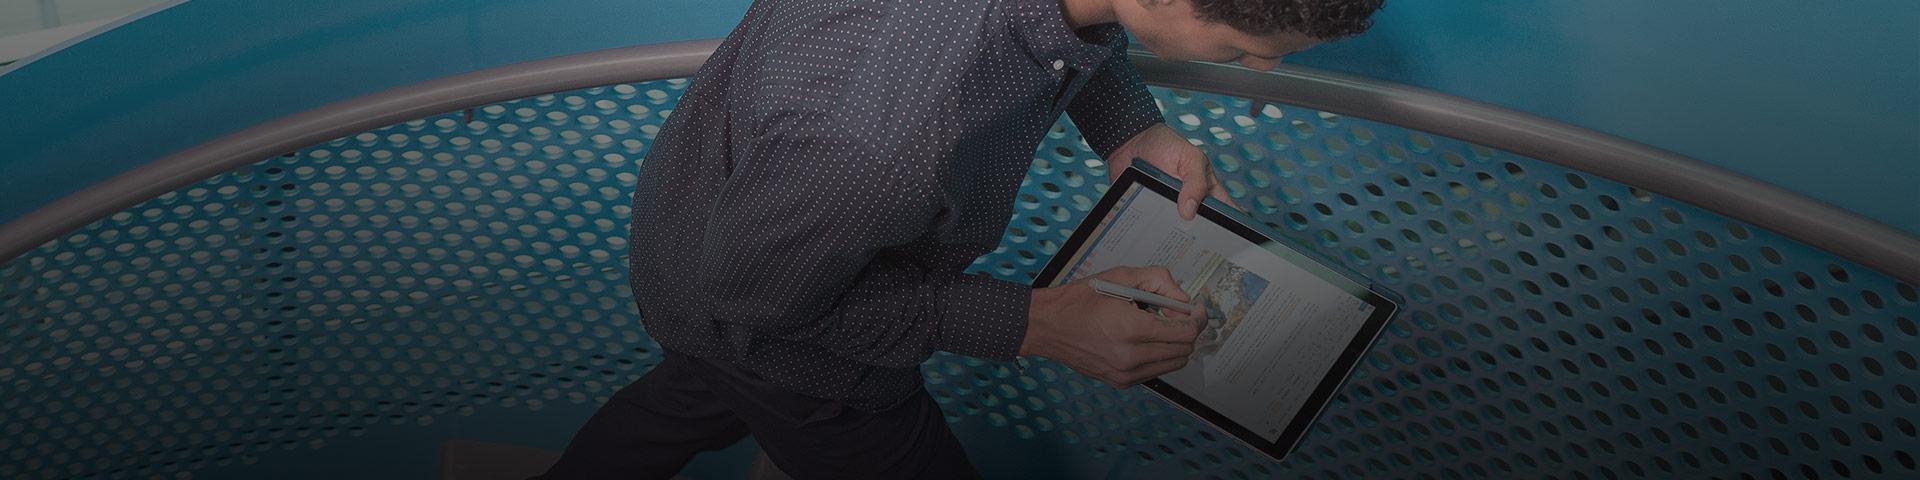 Un hombre trabaja con una tableta mientras sube una escalera